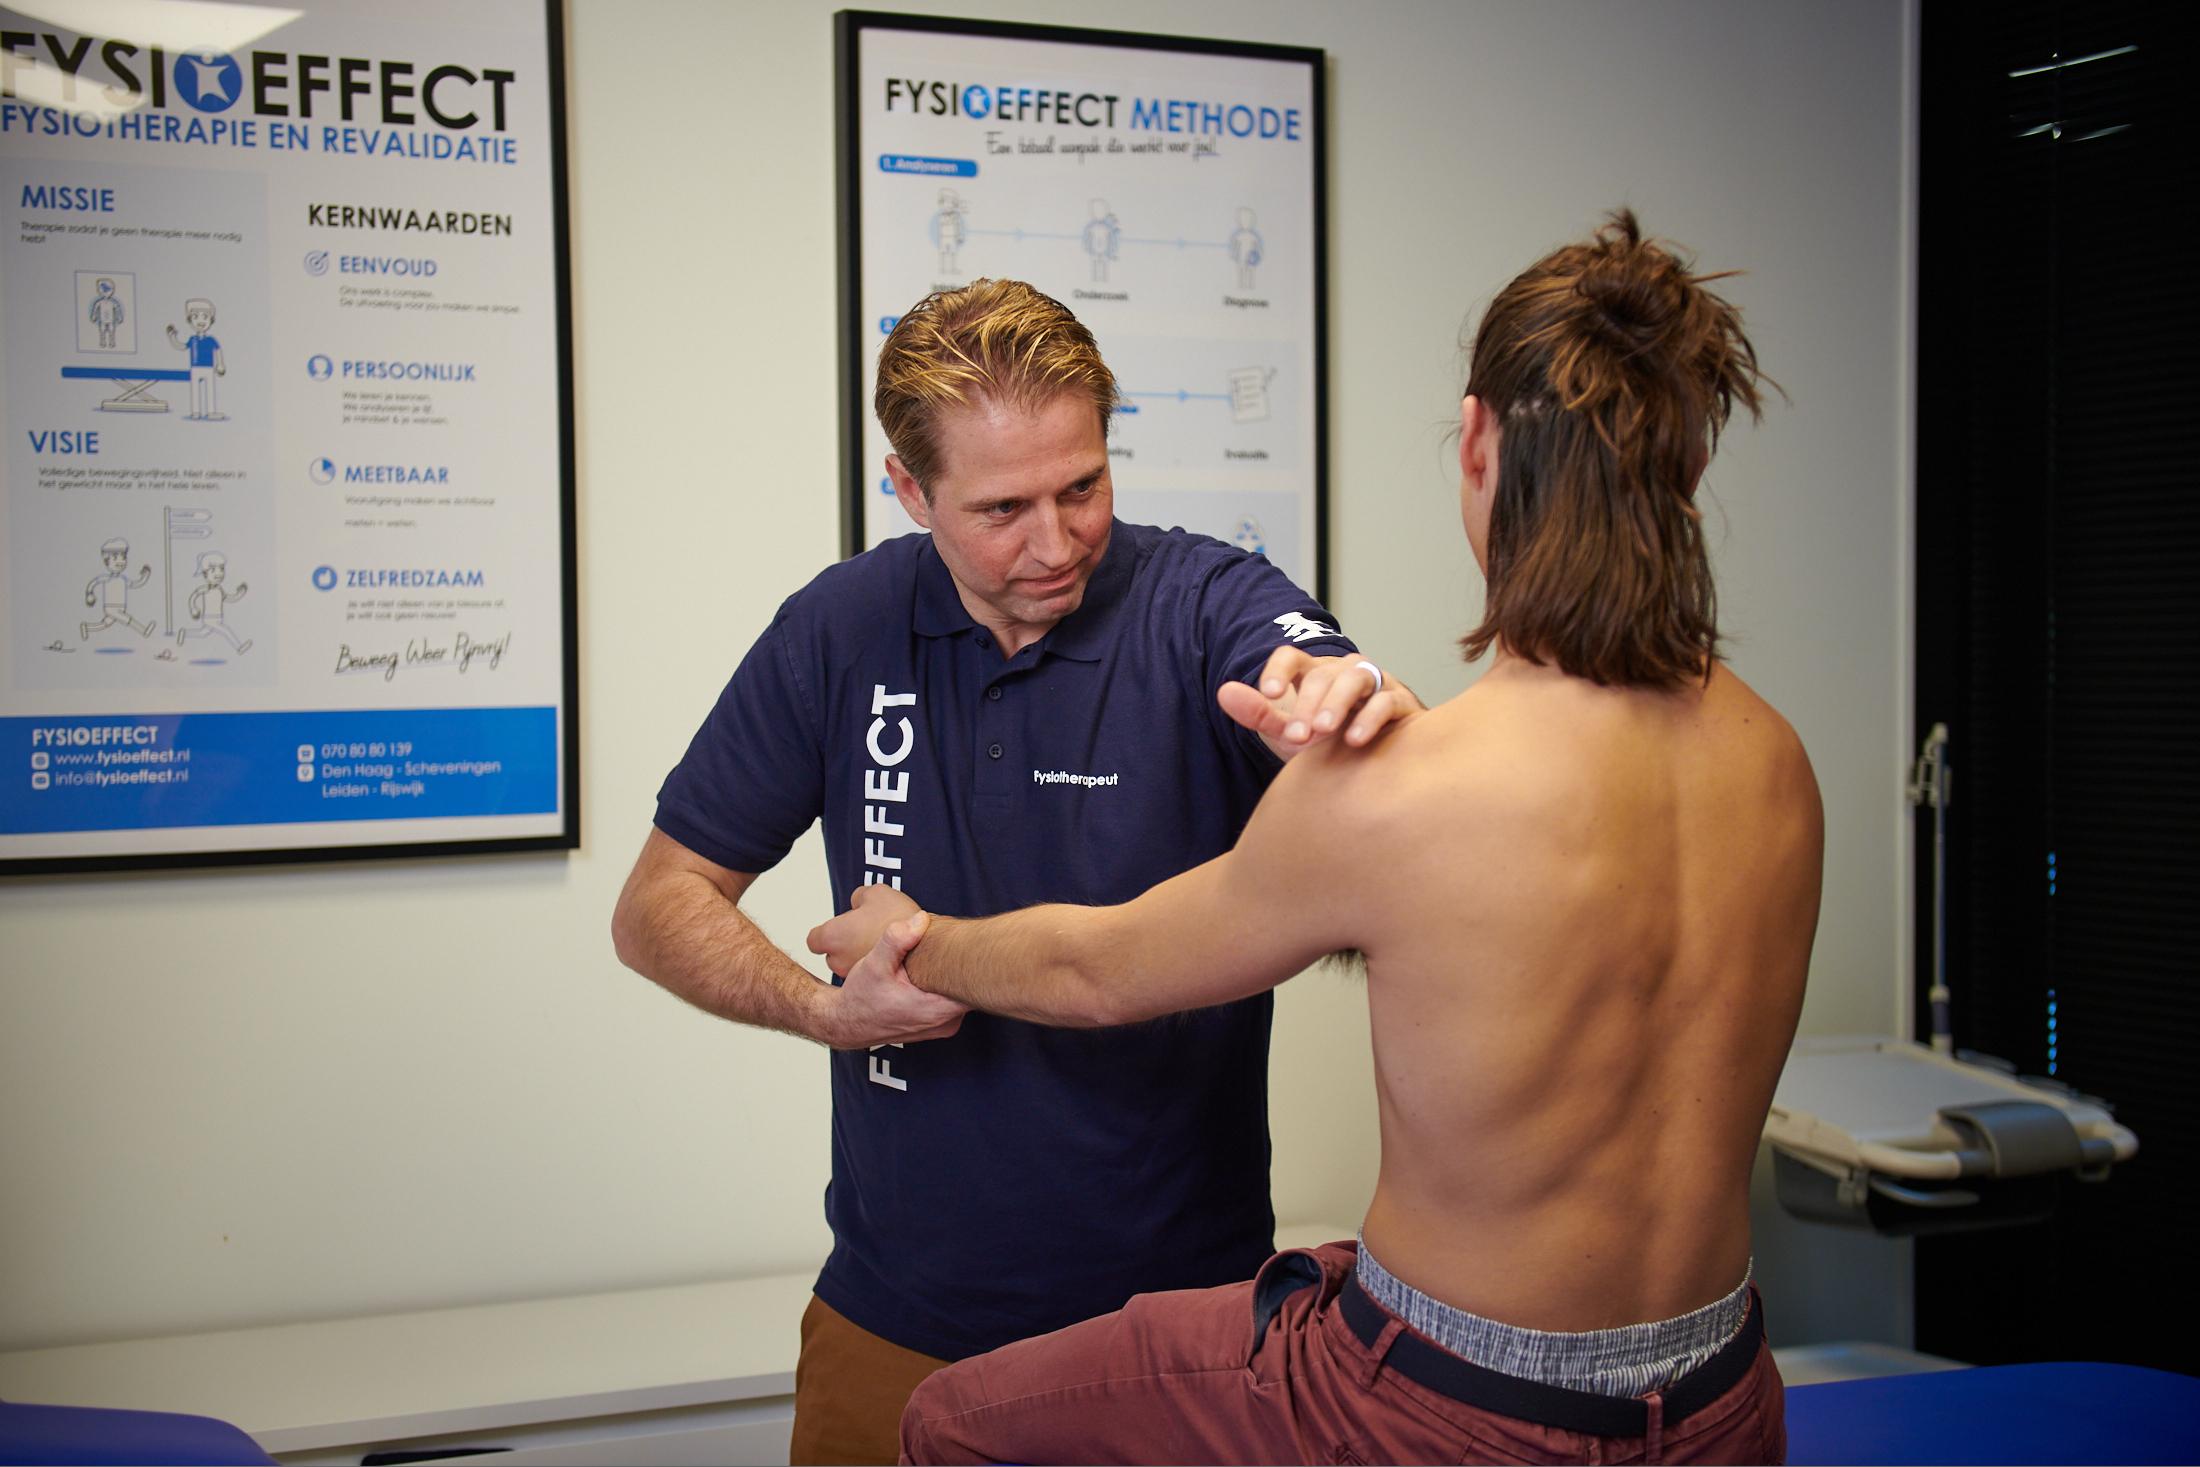 FysioEffect-Fysiotherapie-Zoetermeer